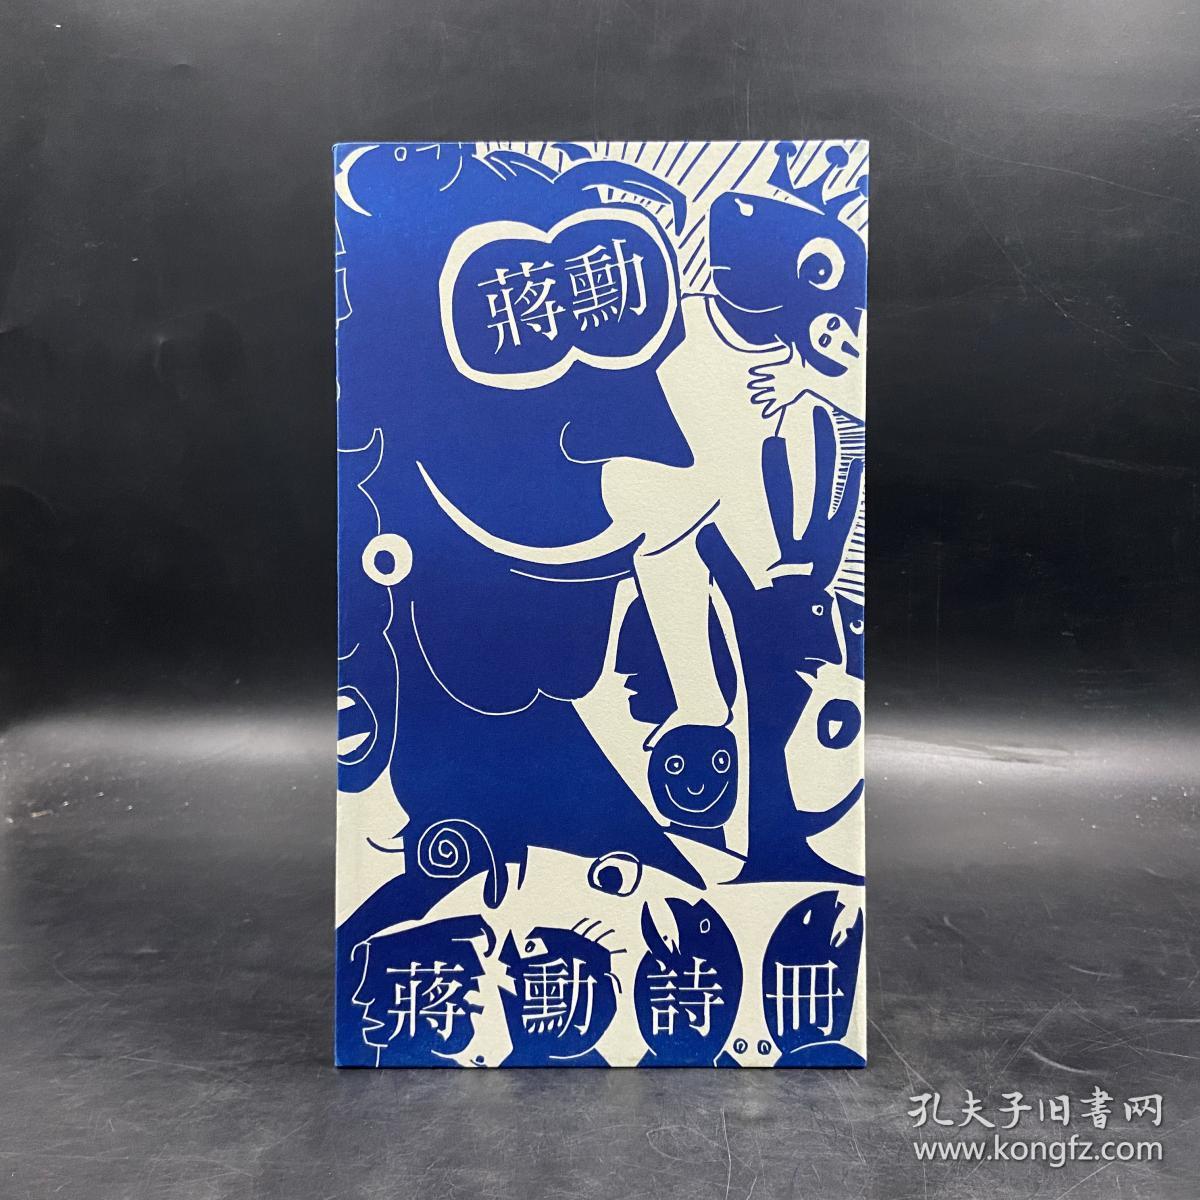 限量编号绘画者签名·台湾联经版 蒋勋著 赫夫納绘《蔣勳詩冊版畫》(出版方无库存)